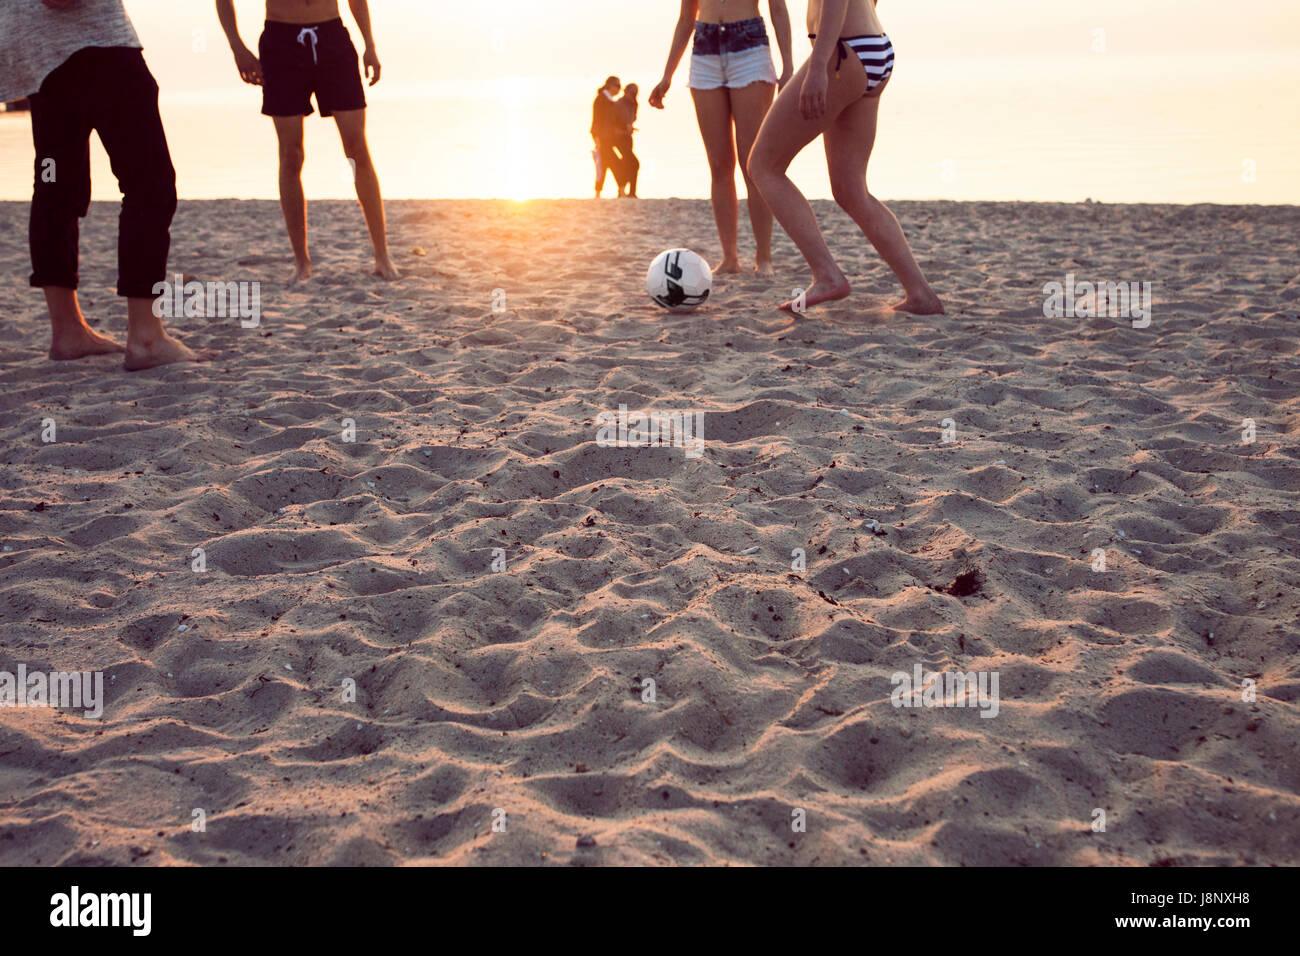 Giovani uomini, giovane donna e ragazza adolescente (16-17) che giocano a calcio sulla sabbia al tramonto Foto Stock